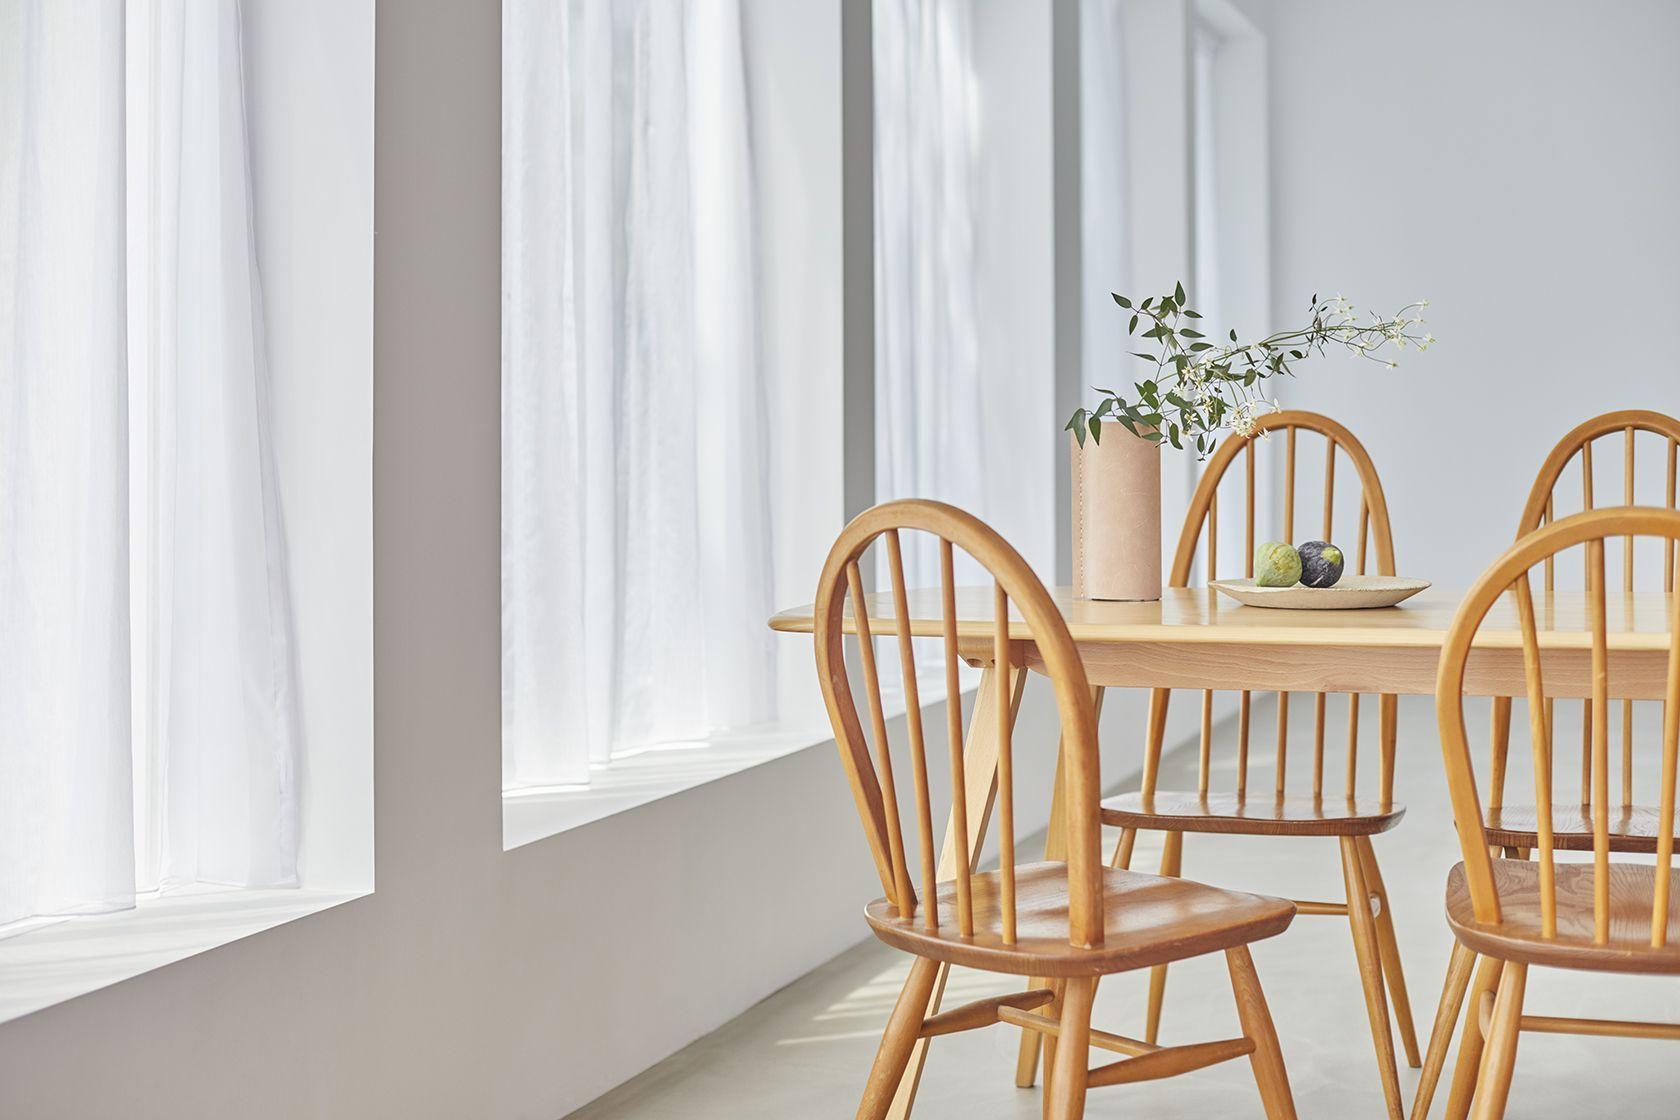 Haku Studio / W3面採光の明るい空間